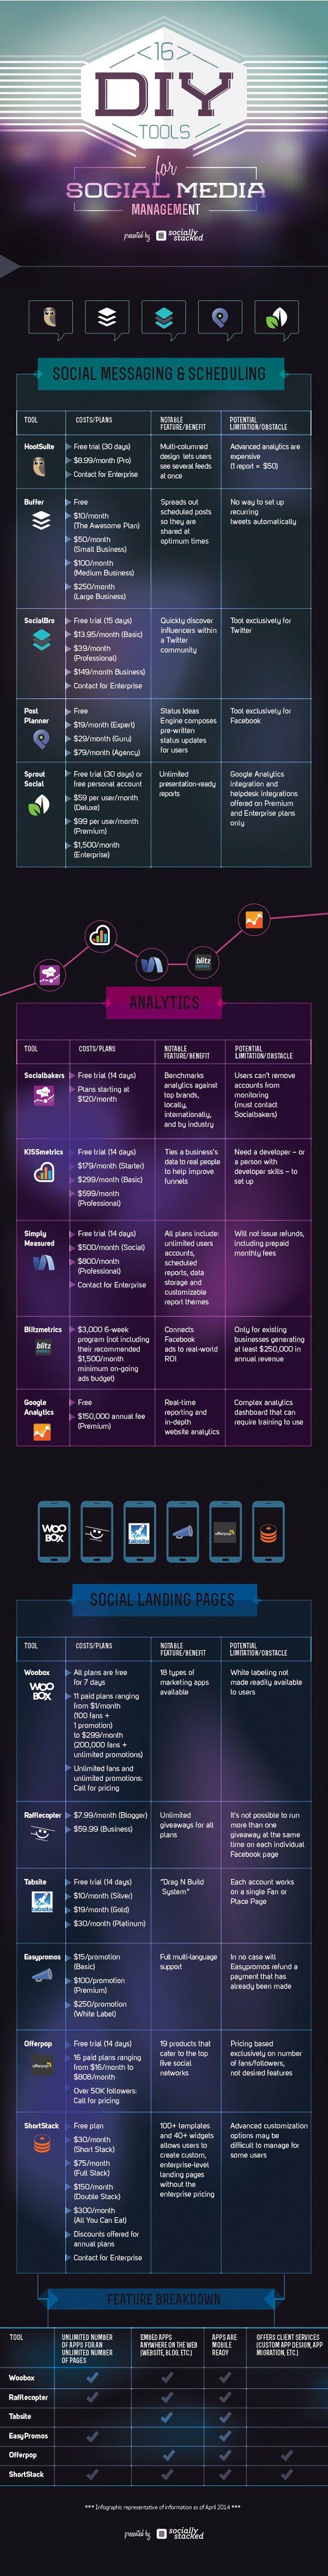 #infographie 16 outils de Community Management à tester via @EAlchimie #RéseauxSociaux